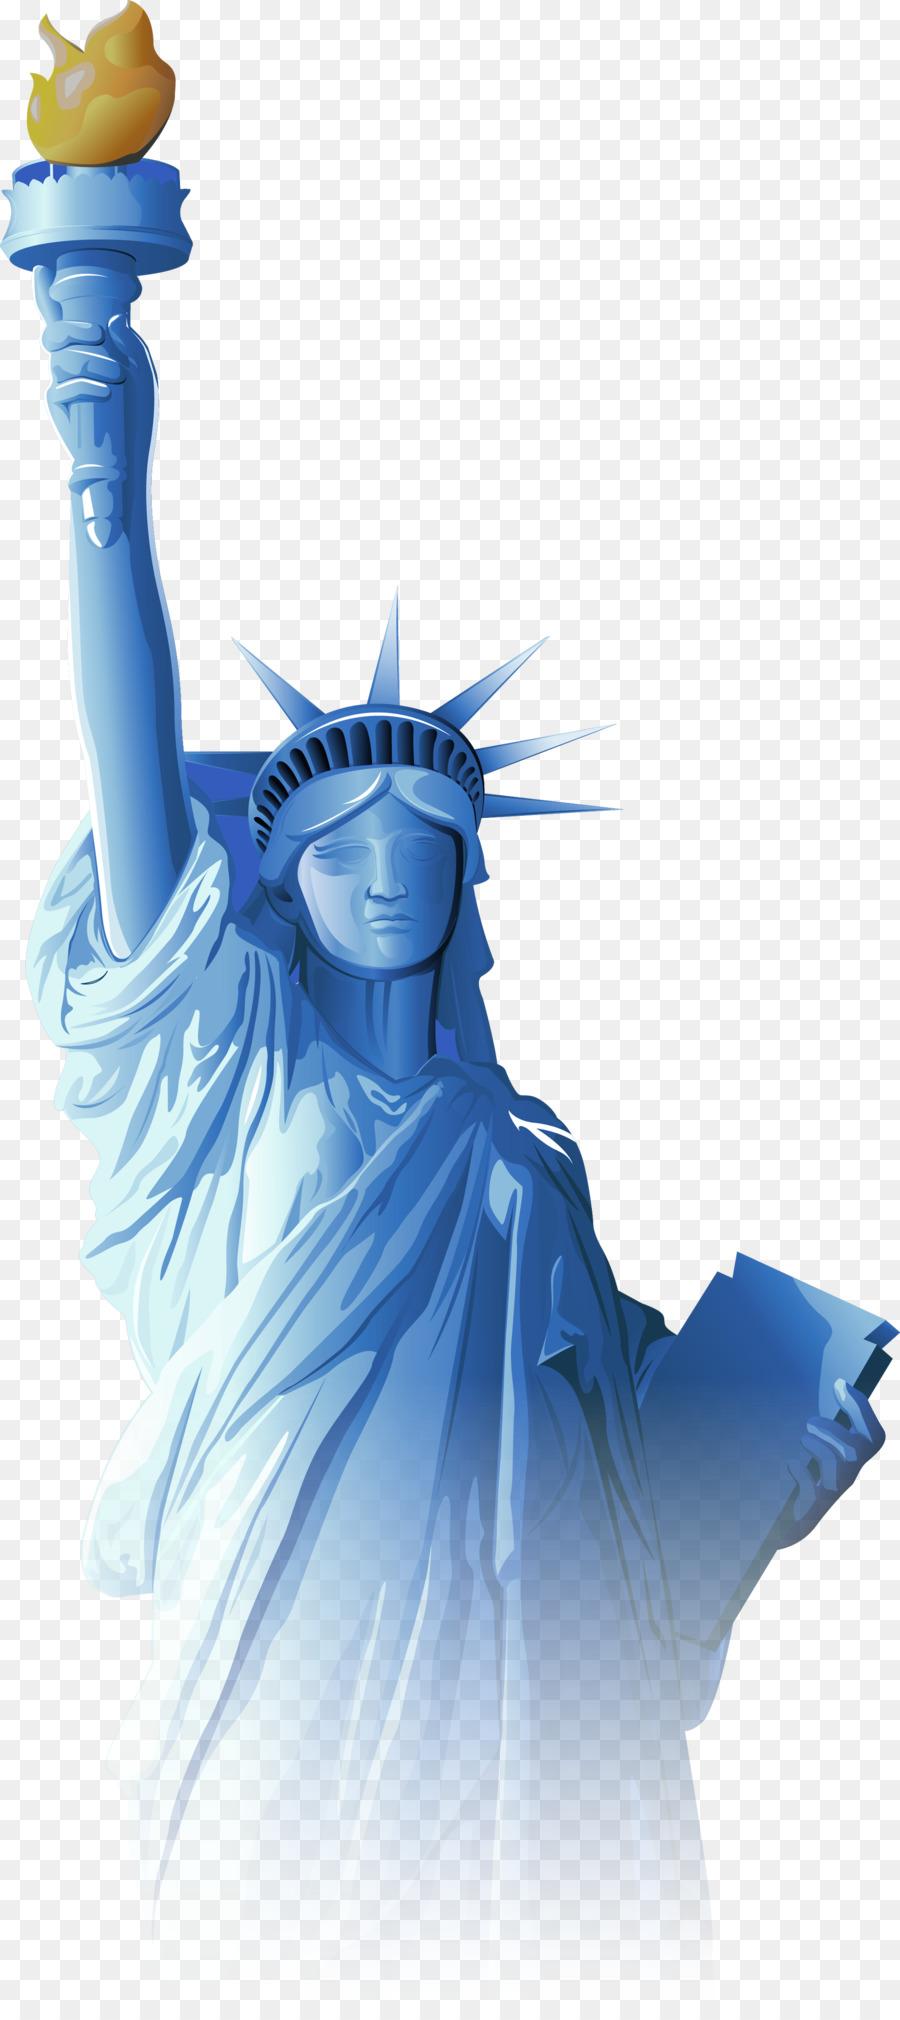 Descarga gratuita de Estatua De La Libertad, Estatua, La Fotografía imágenes PNG